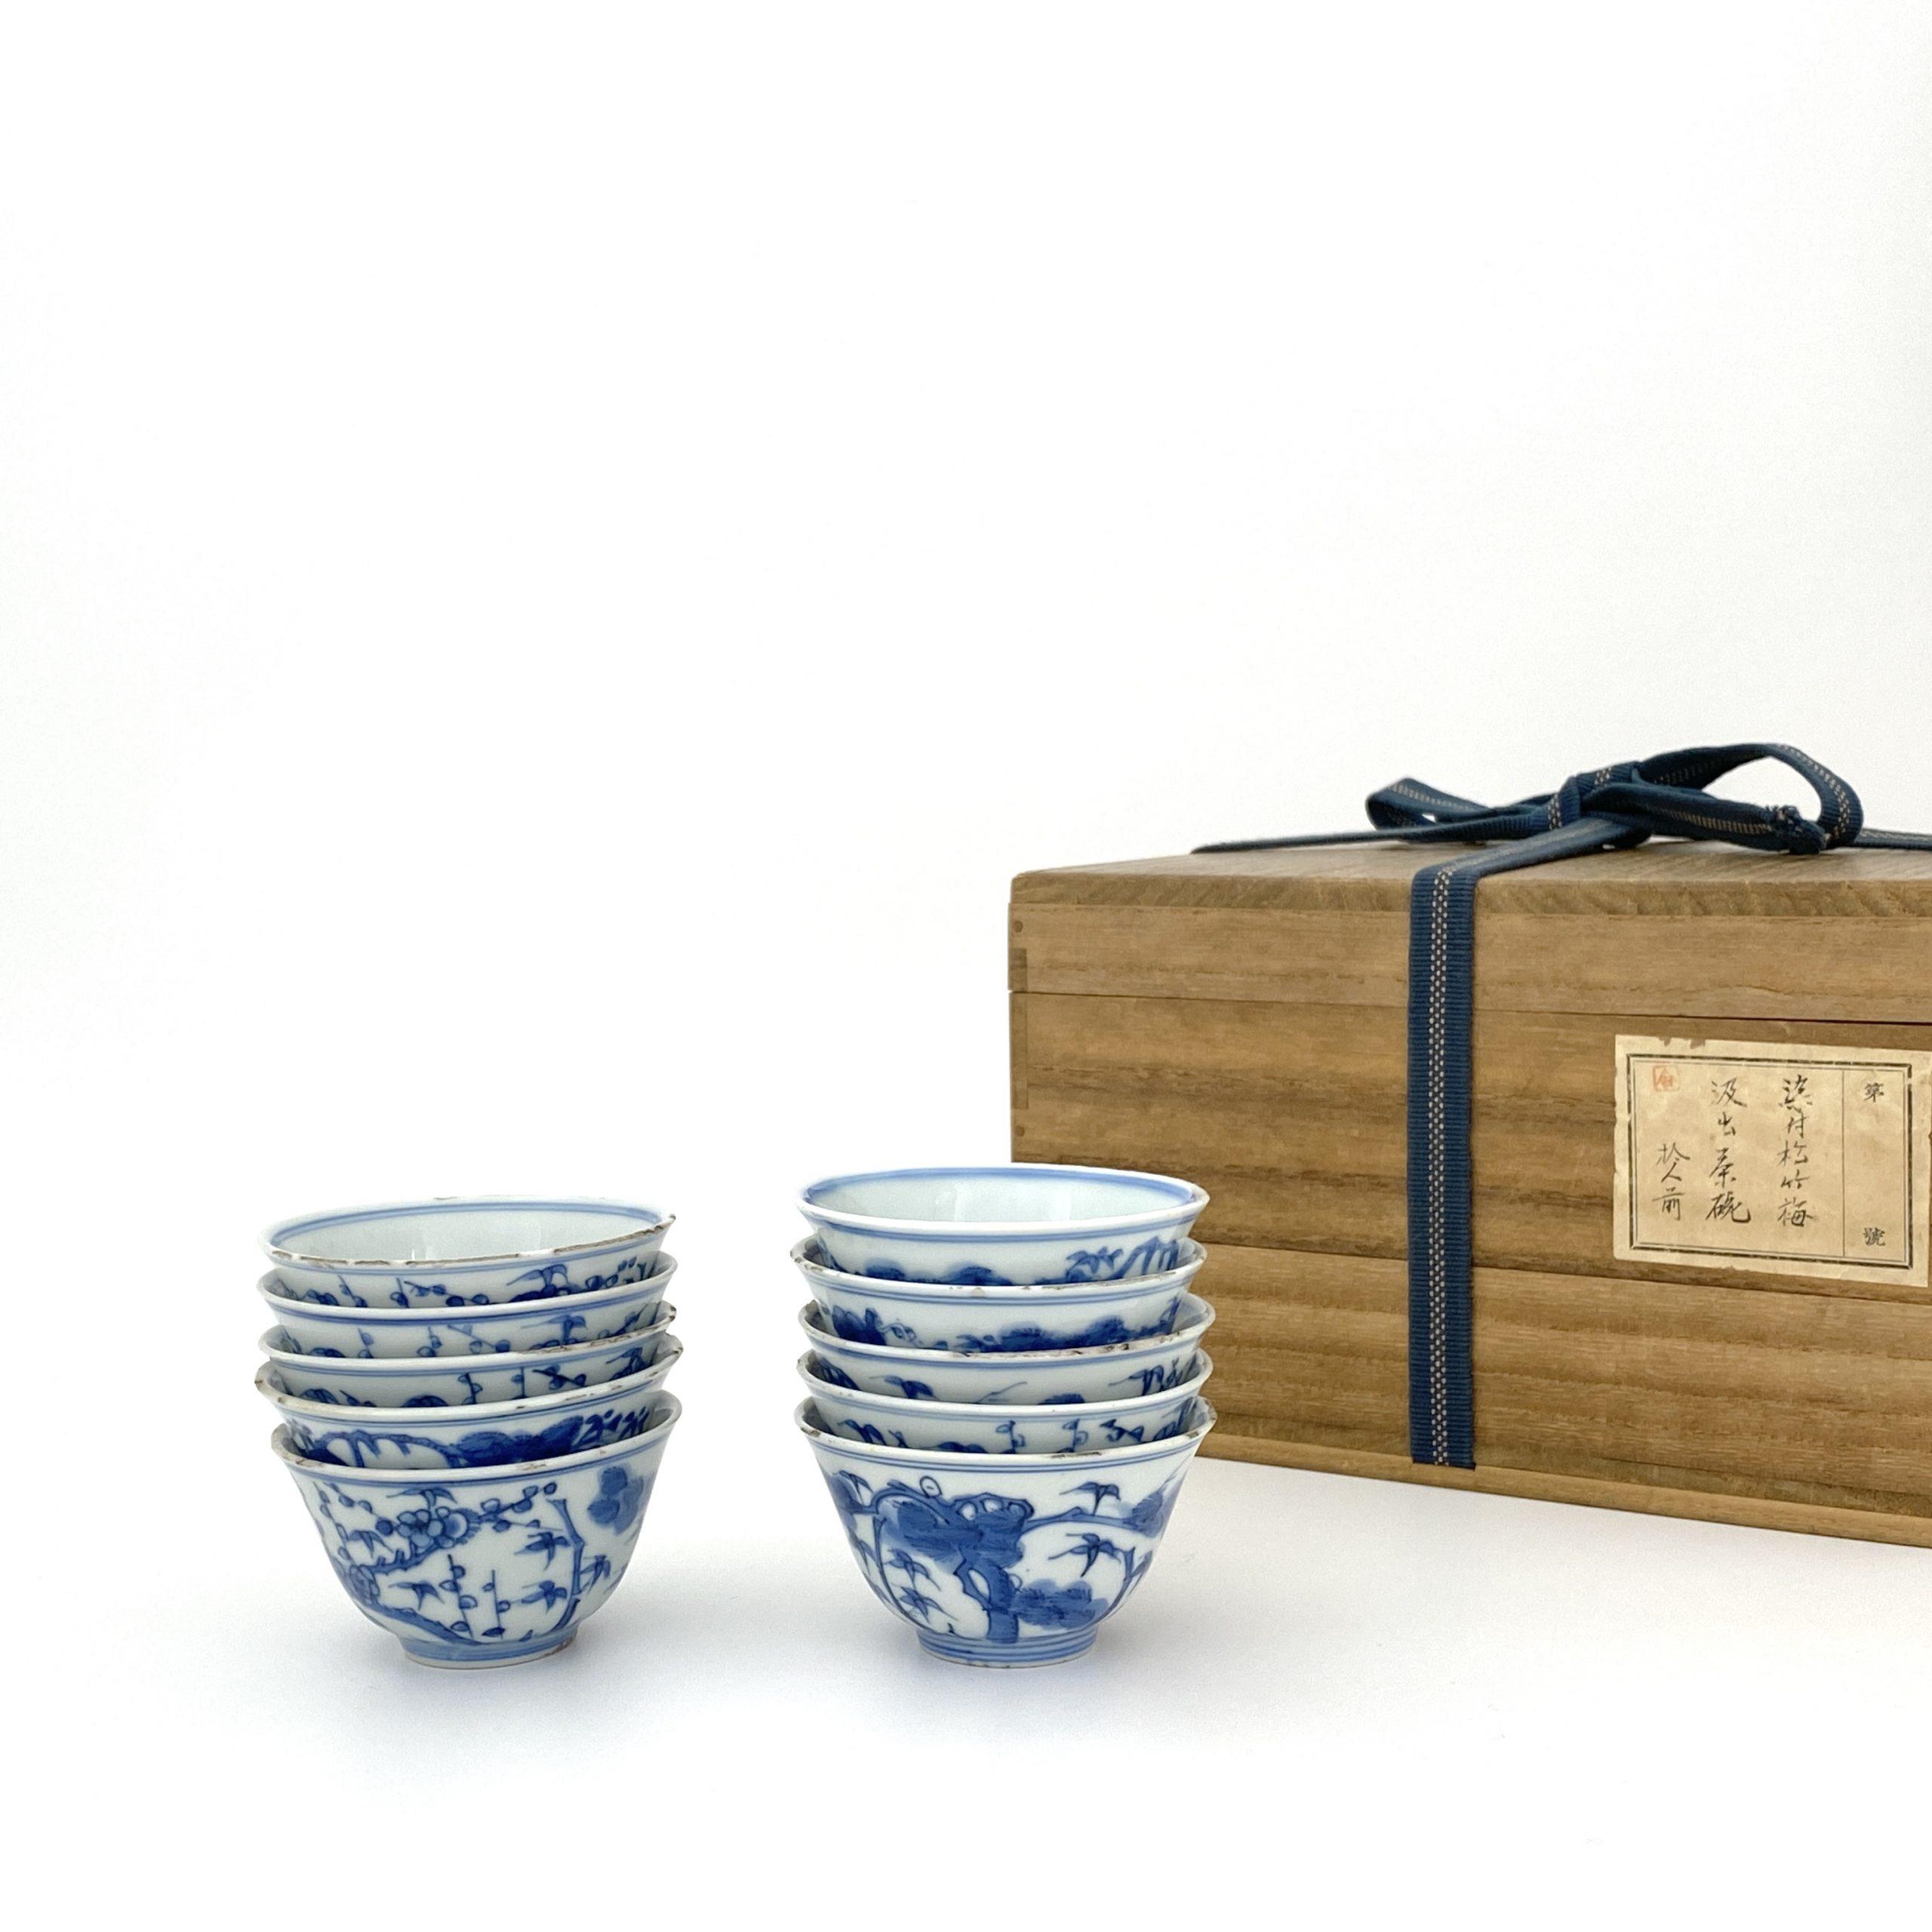 20132明「大明嘉靖年製」款 青花 松竹梅図 碗⑩